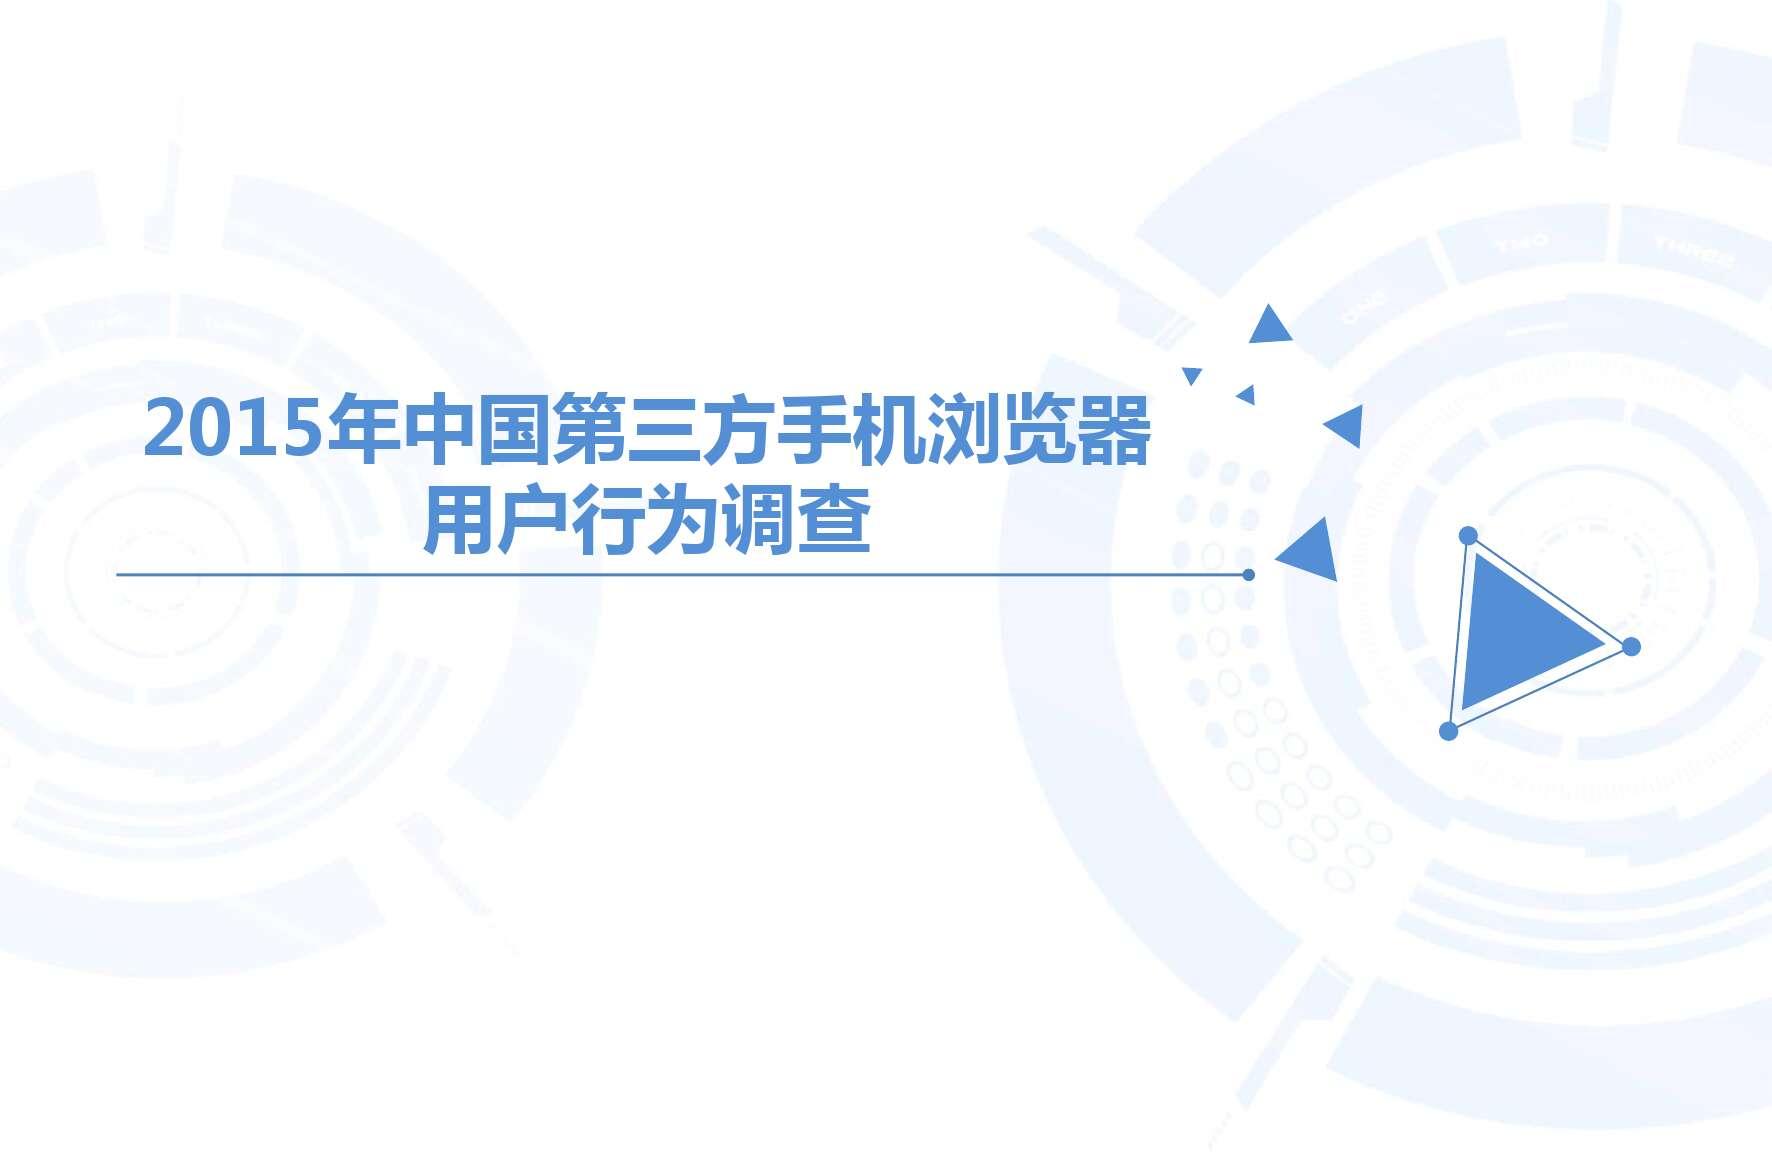 艾媒咨询:2015-2016年中国手机浏览器市场研究报告_000016